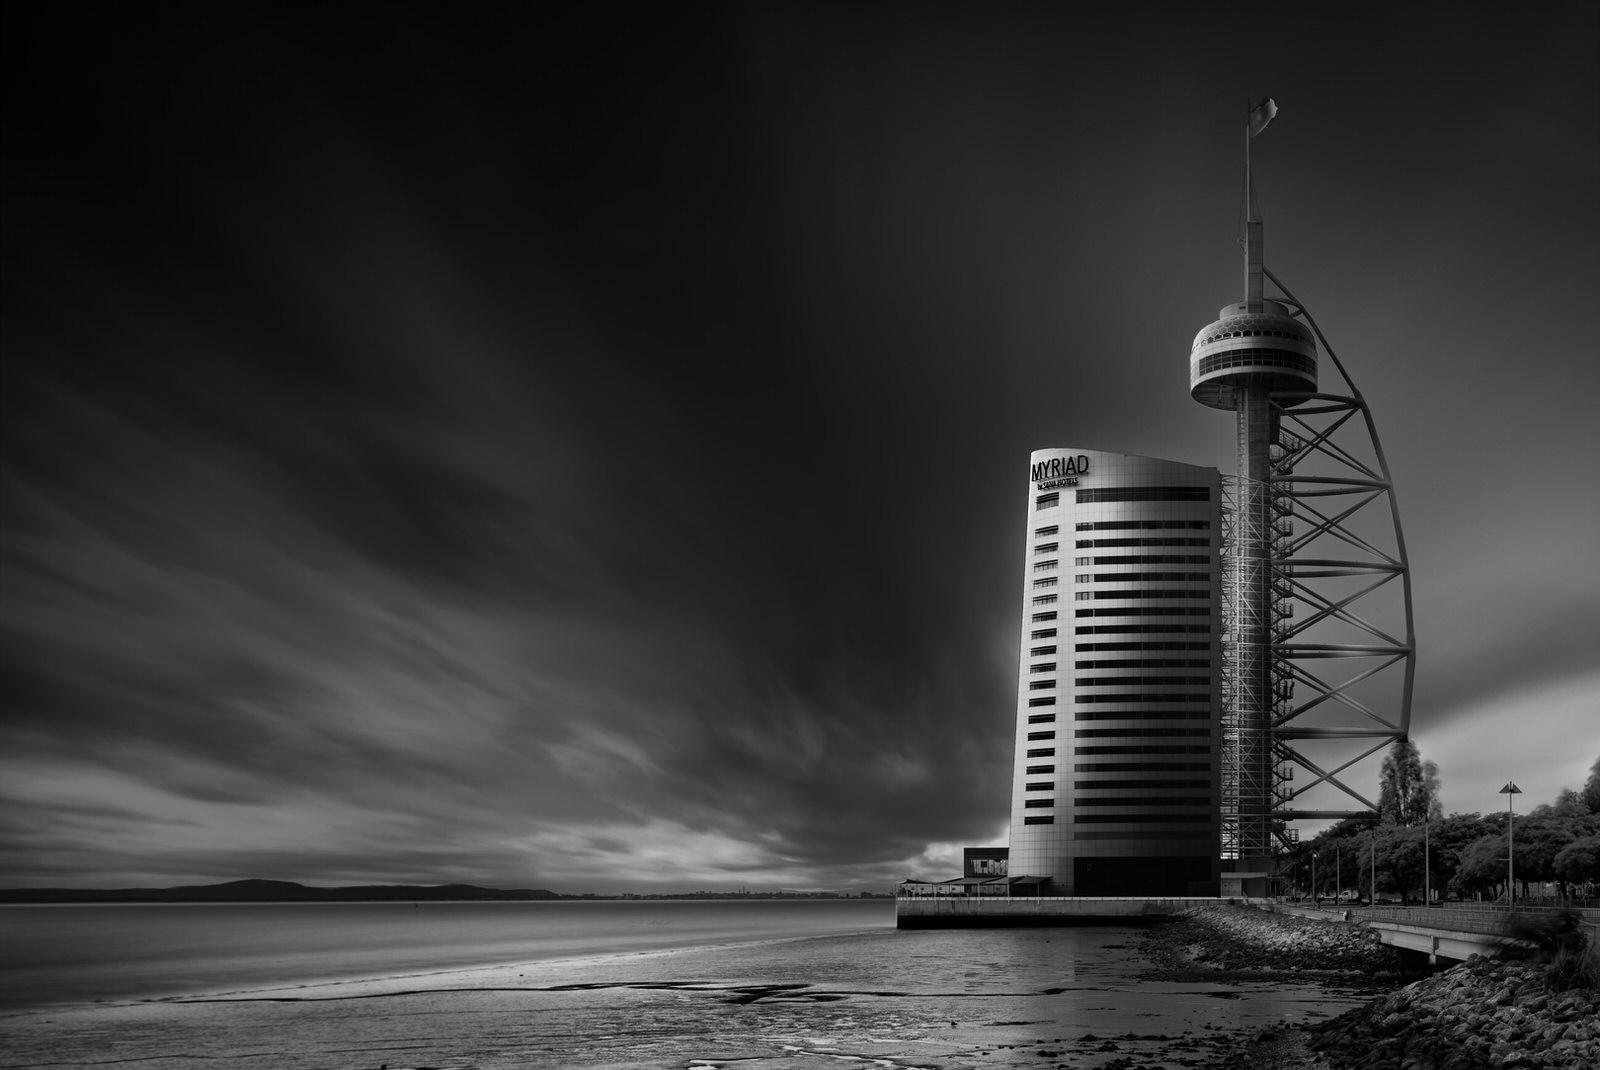 myriad hotel in lissabon mit blick auf den strand und verschwommene wolken in fine art schwarz weiss